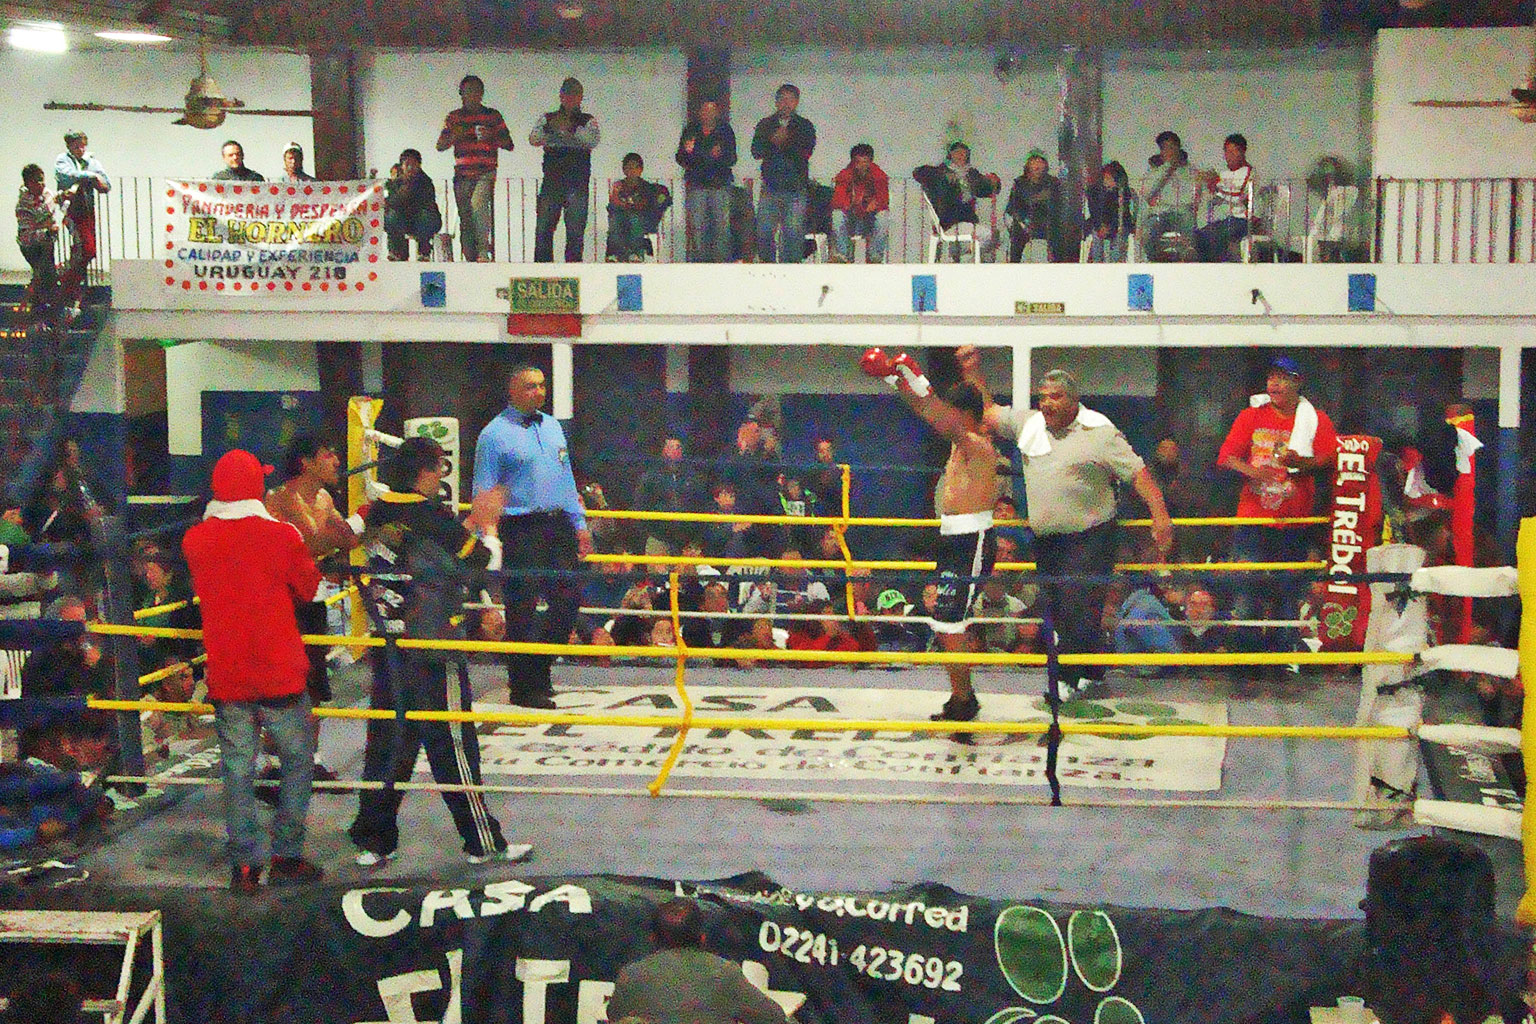 Boxeo: En discreta pelea, Tellechea ganó con claridad, después que a Demario lo despojaran otra vez de una victoria